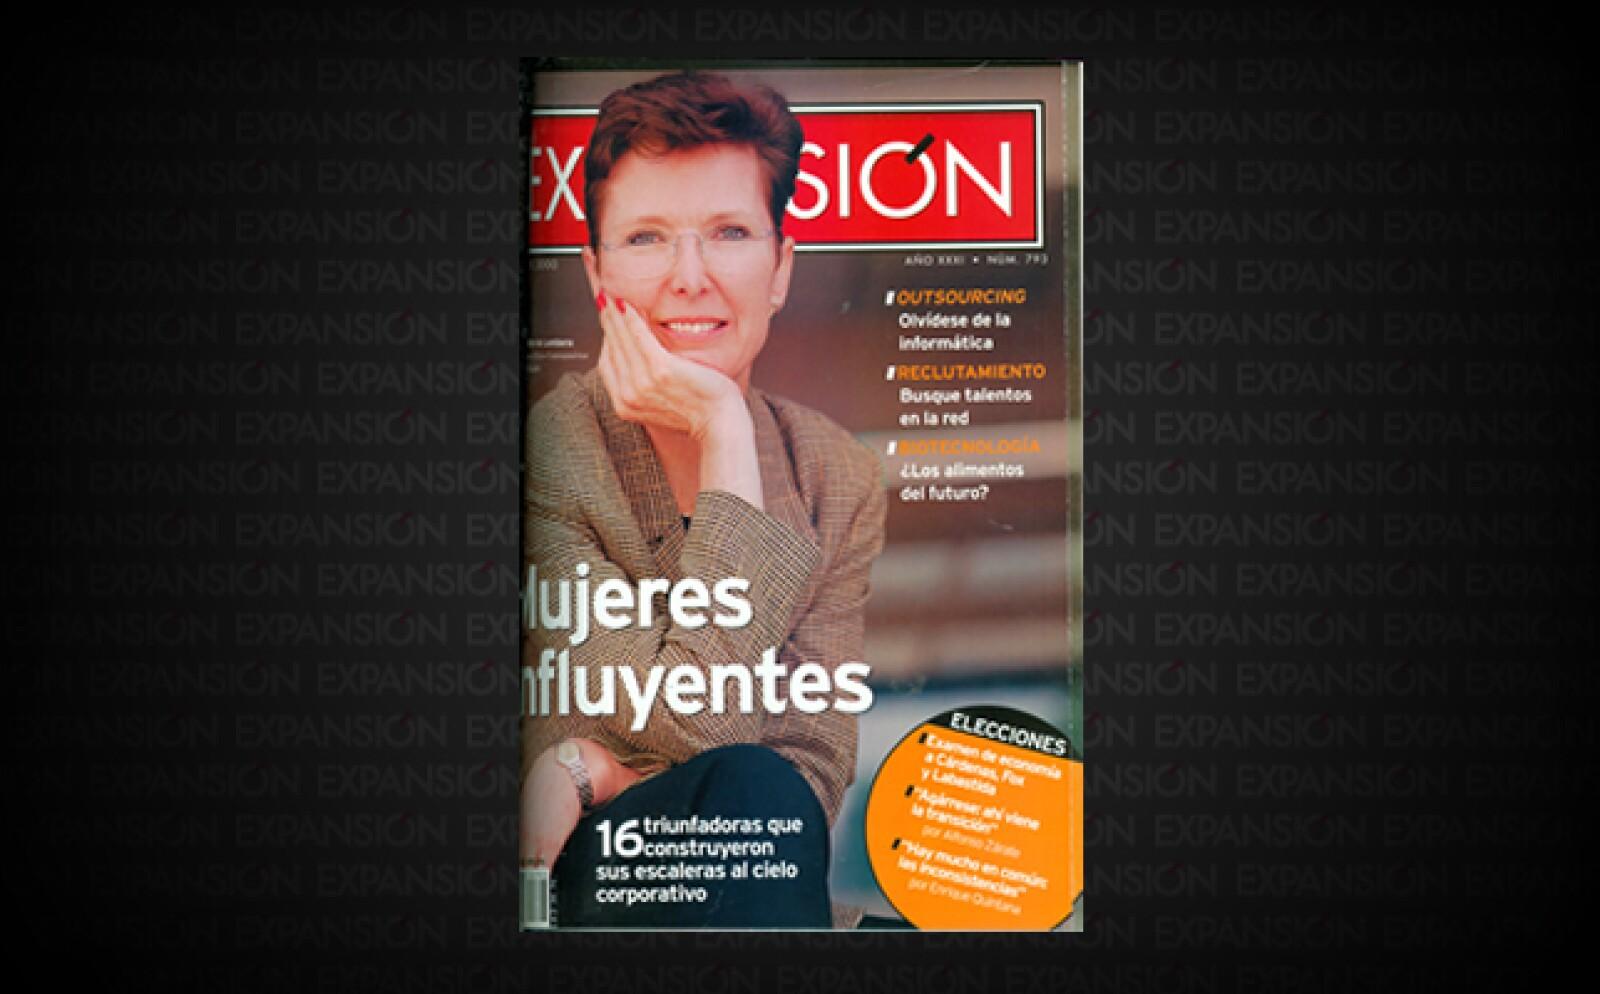 Martha Miller de Lombera, presidenta para México y Centroamérica de Procter&Gamble, estaba en el listado de 'Mujeres influyentes', integrado ese año por 16 ejecutivas.